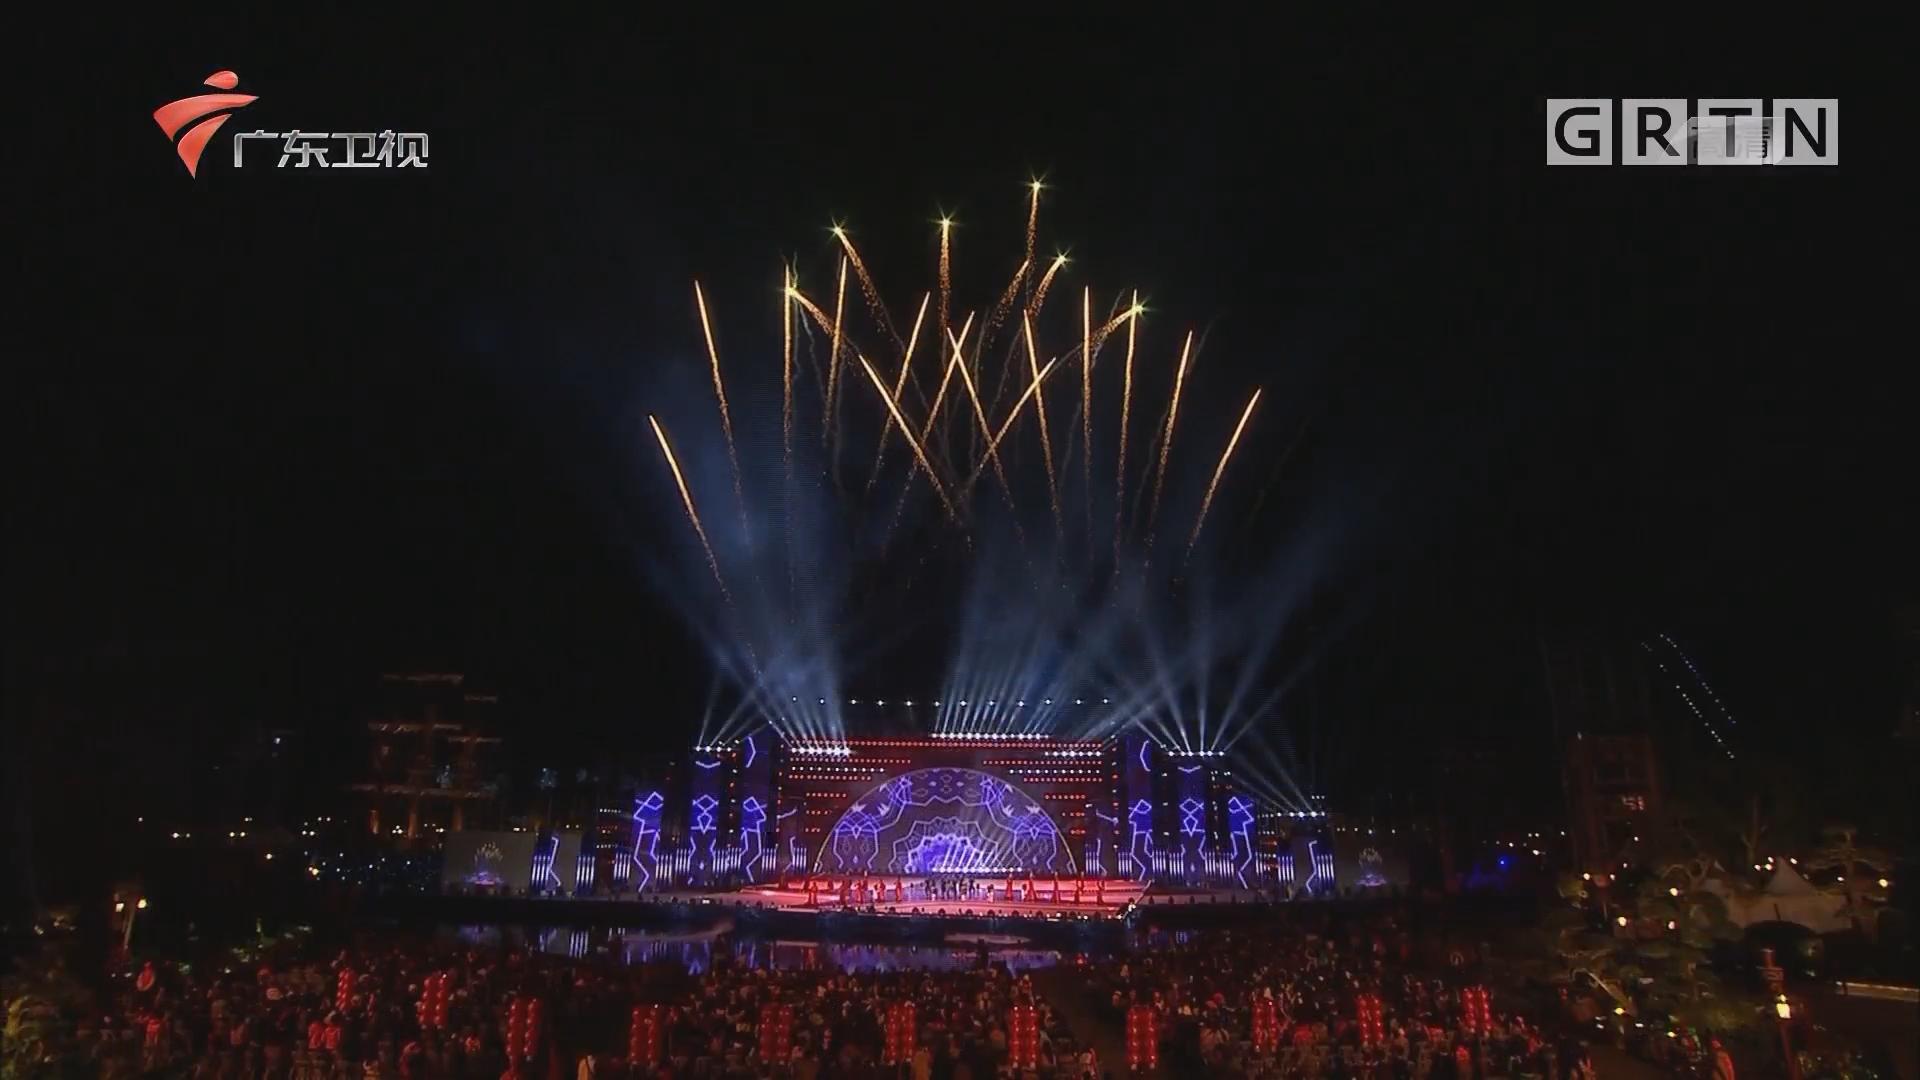 央视今晚播出春节联欢晚会广东春节分会场节目《祝福新时代》